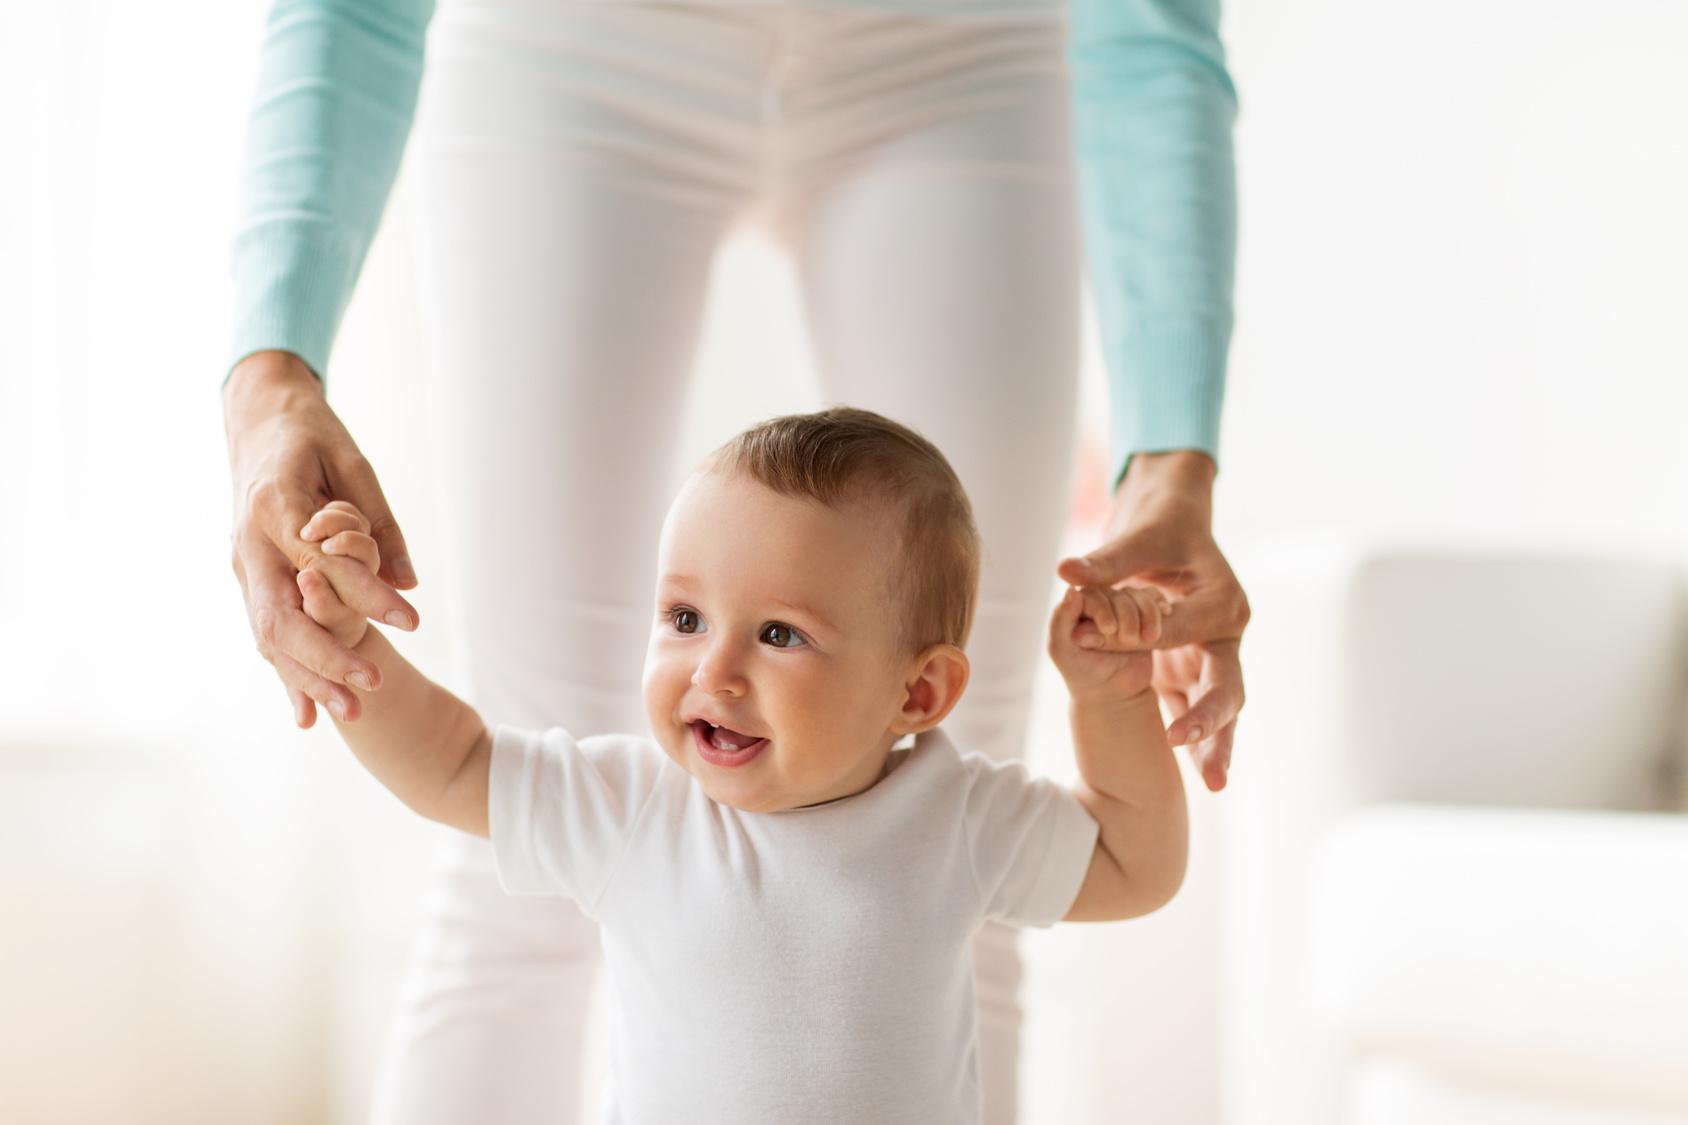 Comment se déroule l acquisition de la marche chez bébé    Laurence Pernoud 64b16fa8a2e